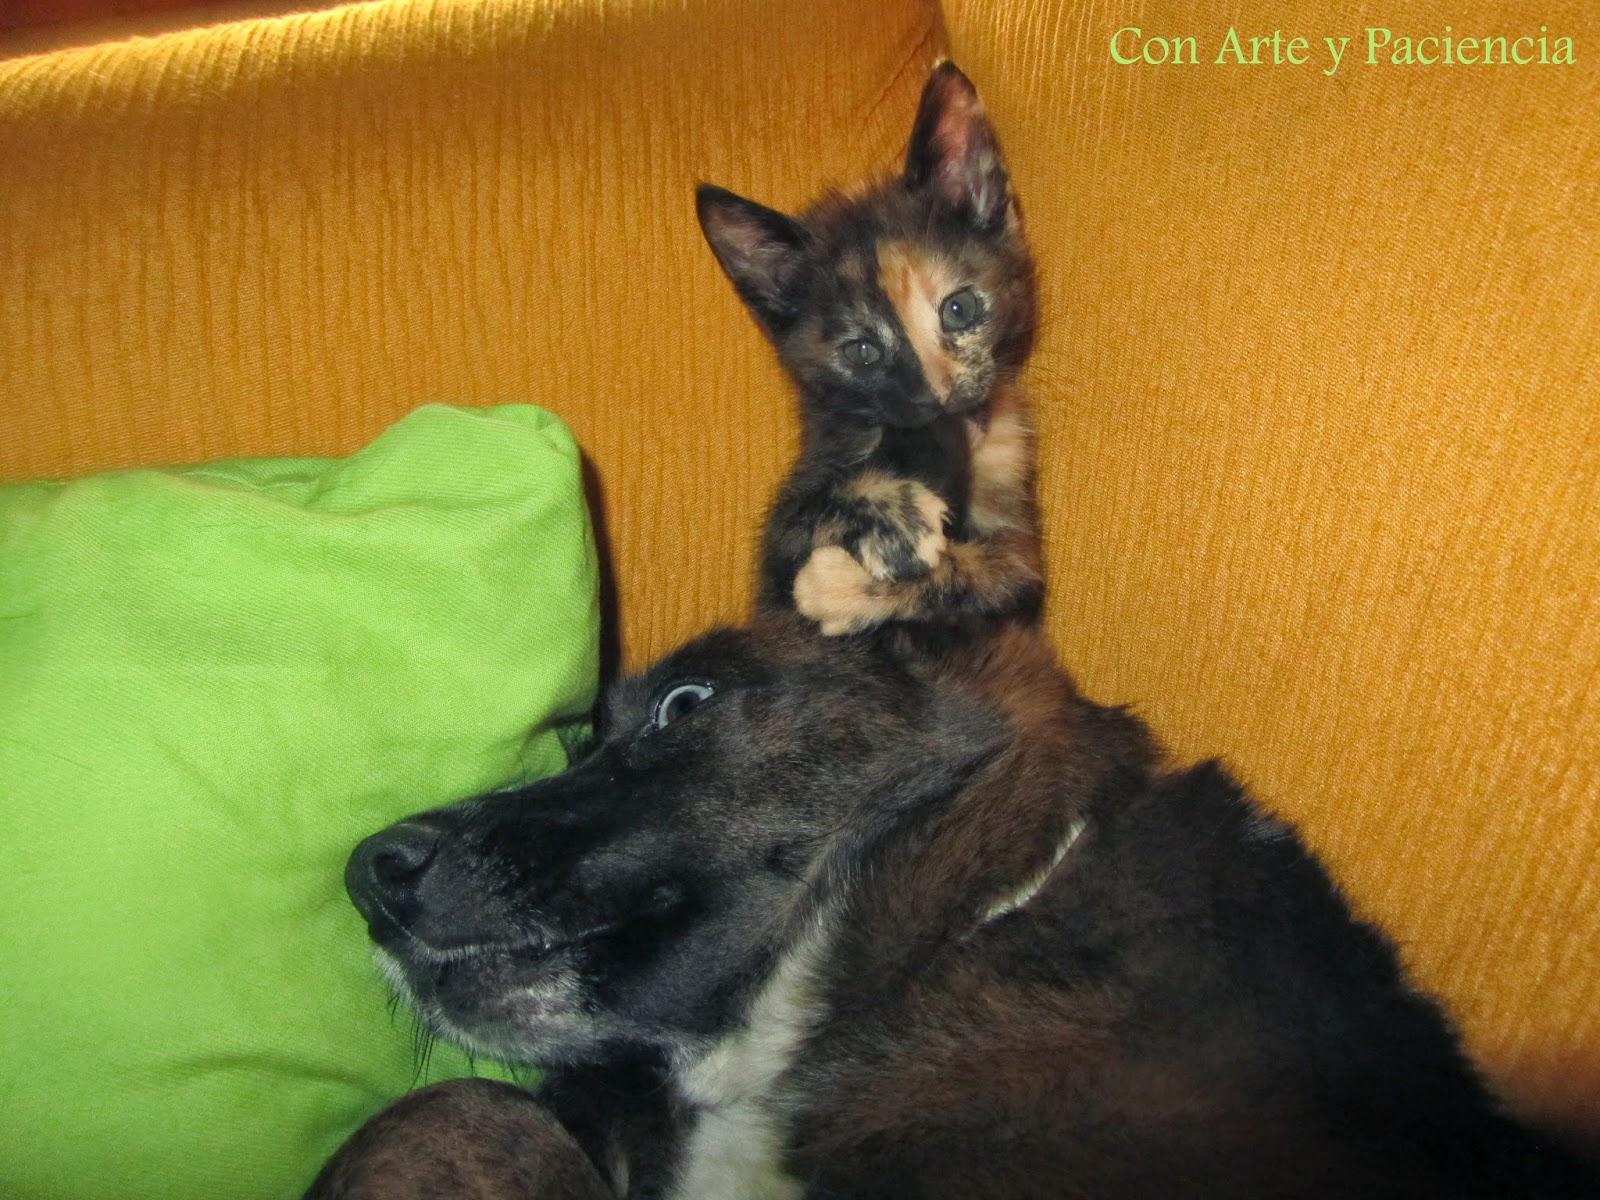 Cat,gato,gatito,kitty,bonitos,cute,tiernos,tenders,mascotas,pets,imagenes,dormir,sleep,bonitos,